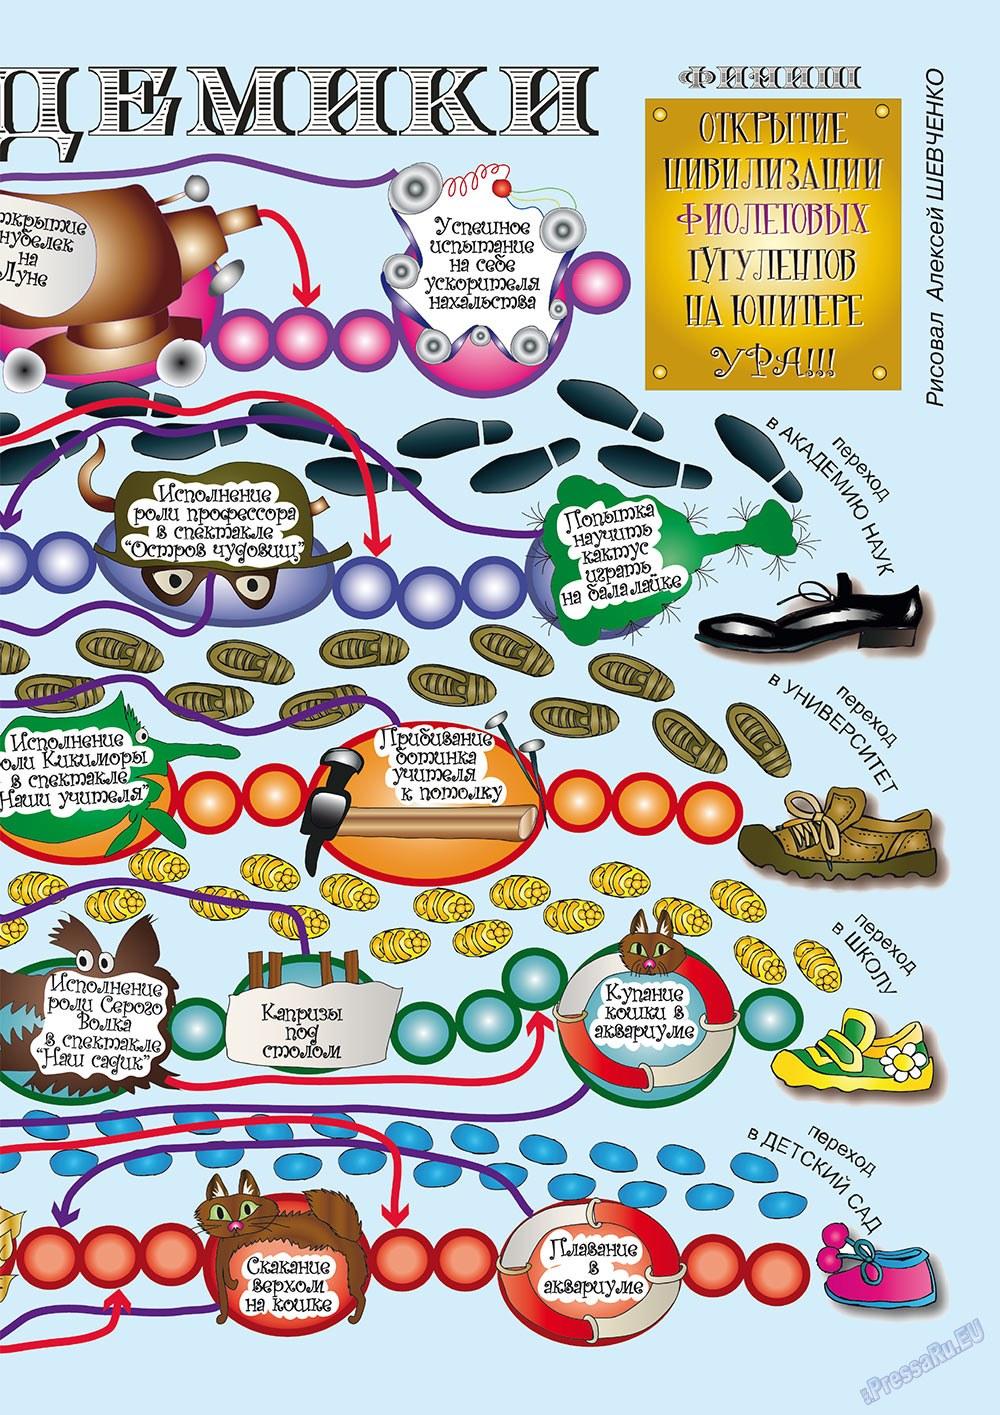 Остров там и тут (журнал). 2011 год, номер 4, стр. 13